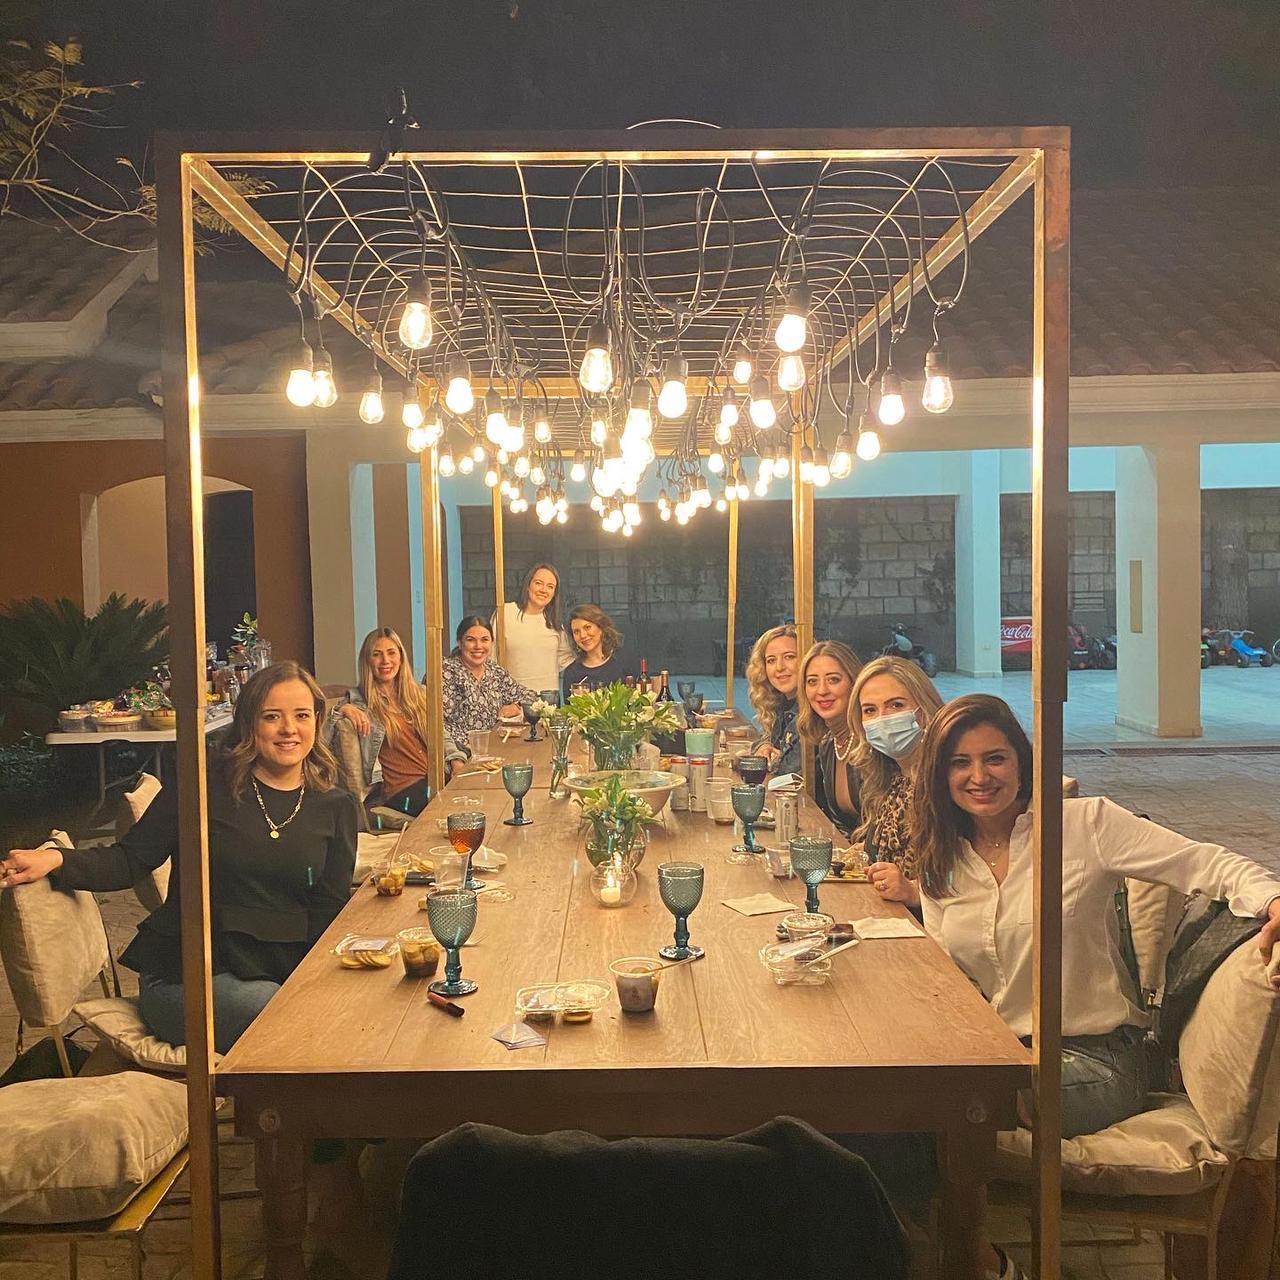 Liliana Mitre, Daniela José, Analú Chávez, Mariana Arizpe, Karina José, Romy Valdés, Yussel Lozano, María Inés Valdés, Rosa Martha Valdés.